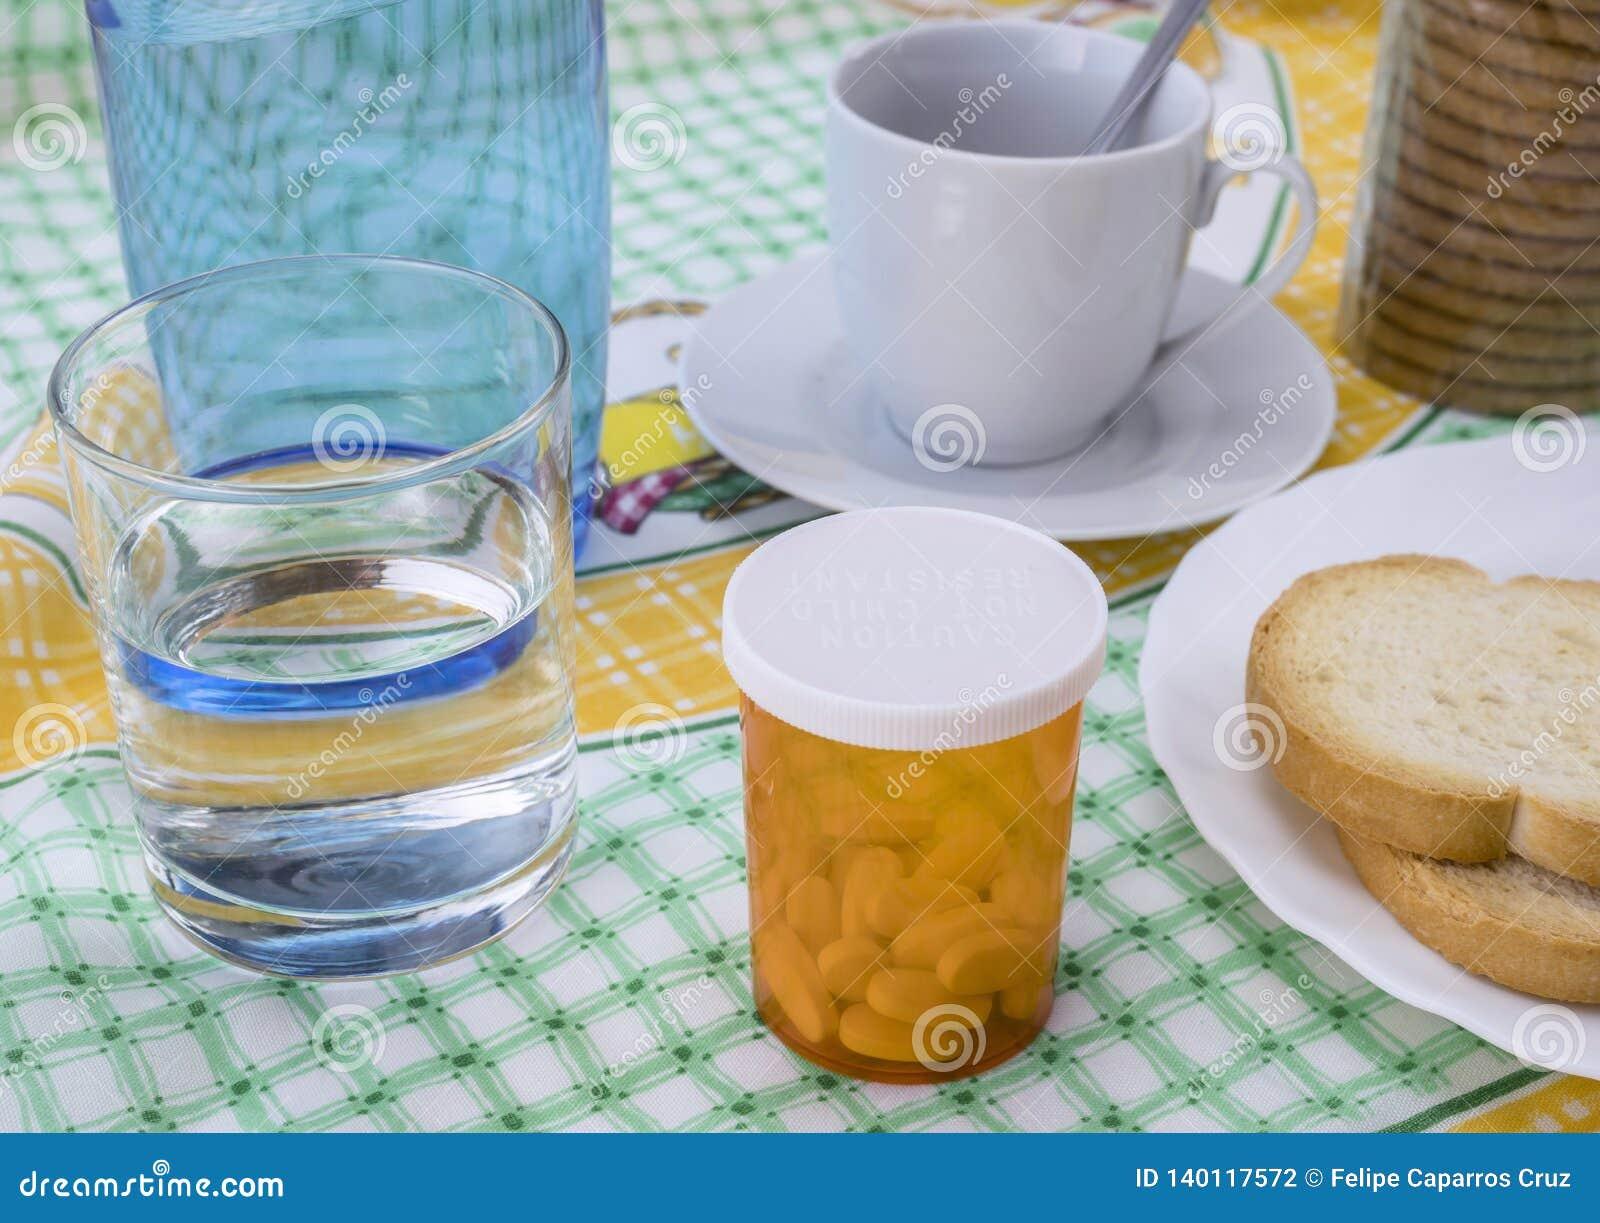 Medikation während des Frühstücks, Kapseln nahe bei einem Glas Wasser, Begriffsbild